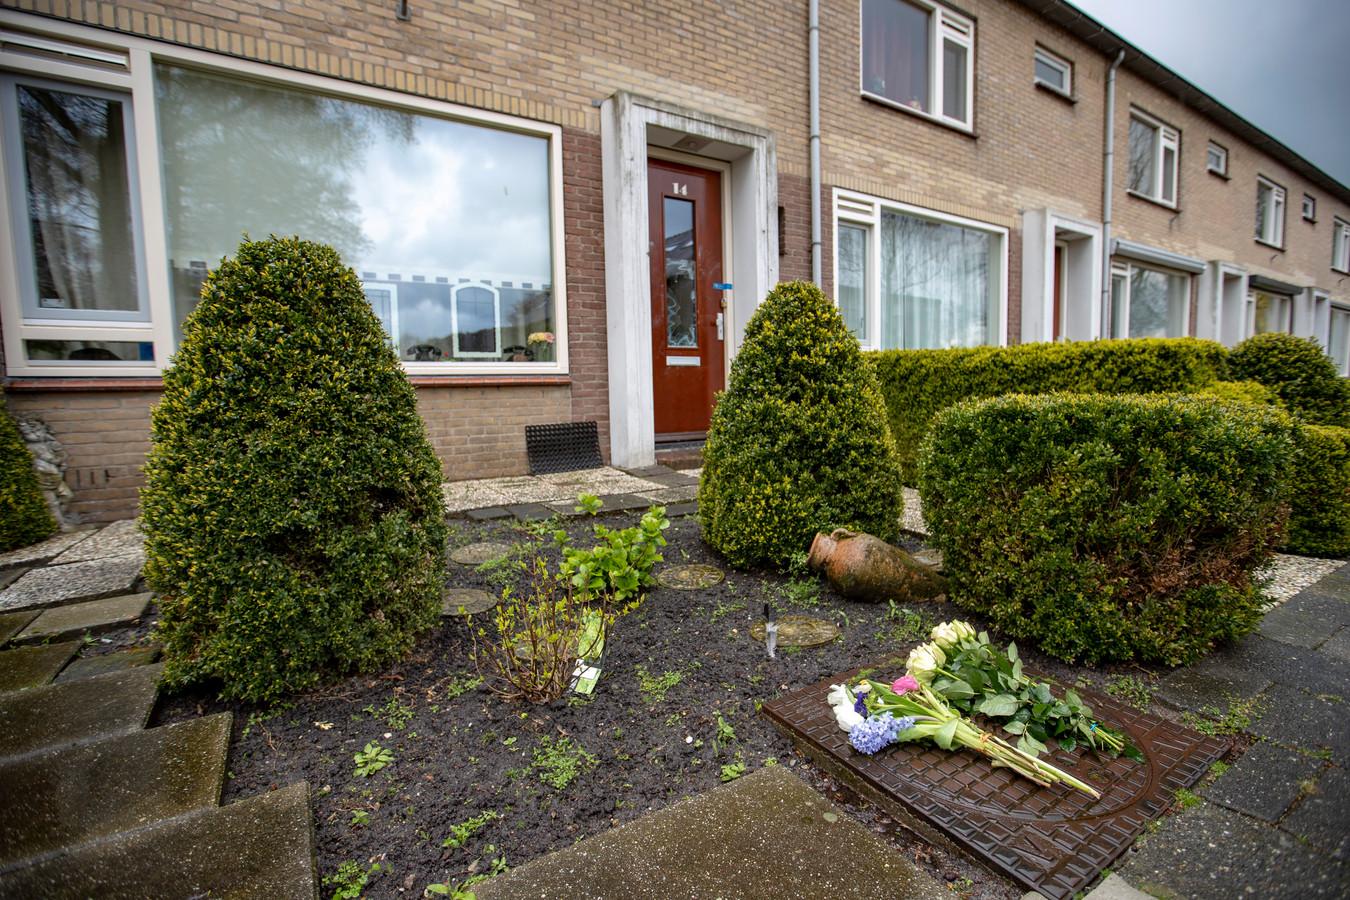 De dag na de fatale schietpartij legden bewoners van Mijdrecht bloemen bij de woning van het 45-jarige slachtoffer.